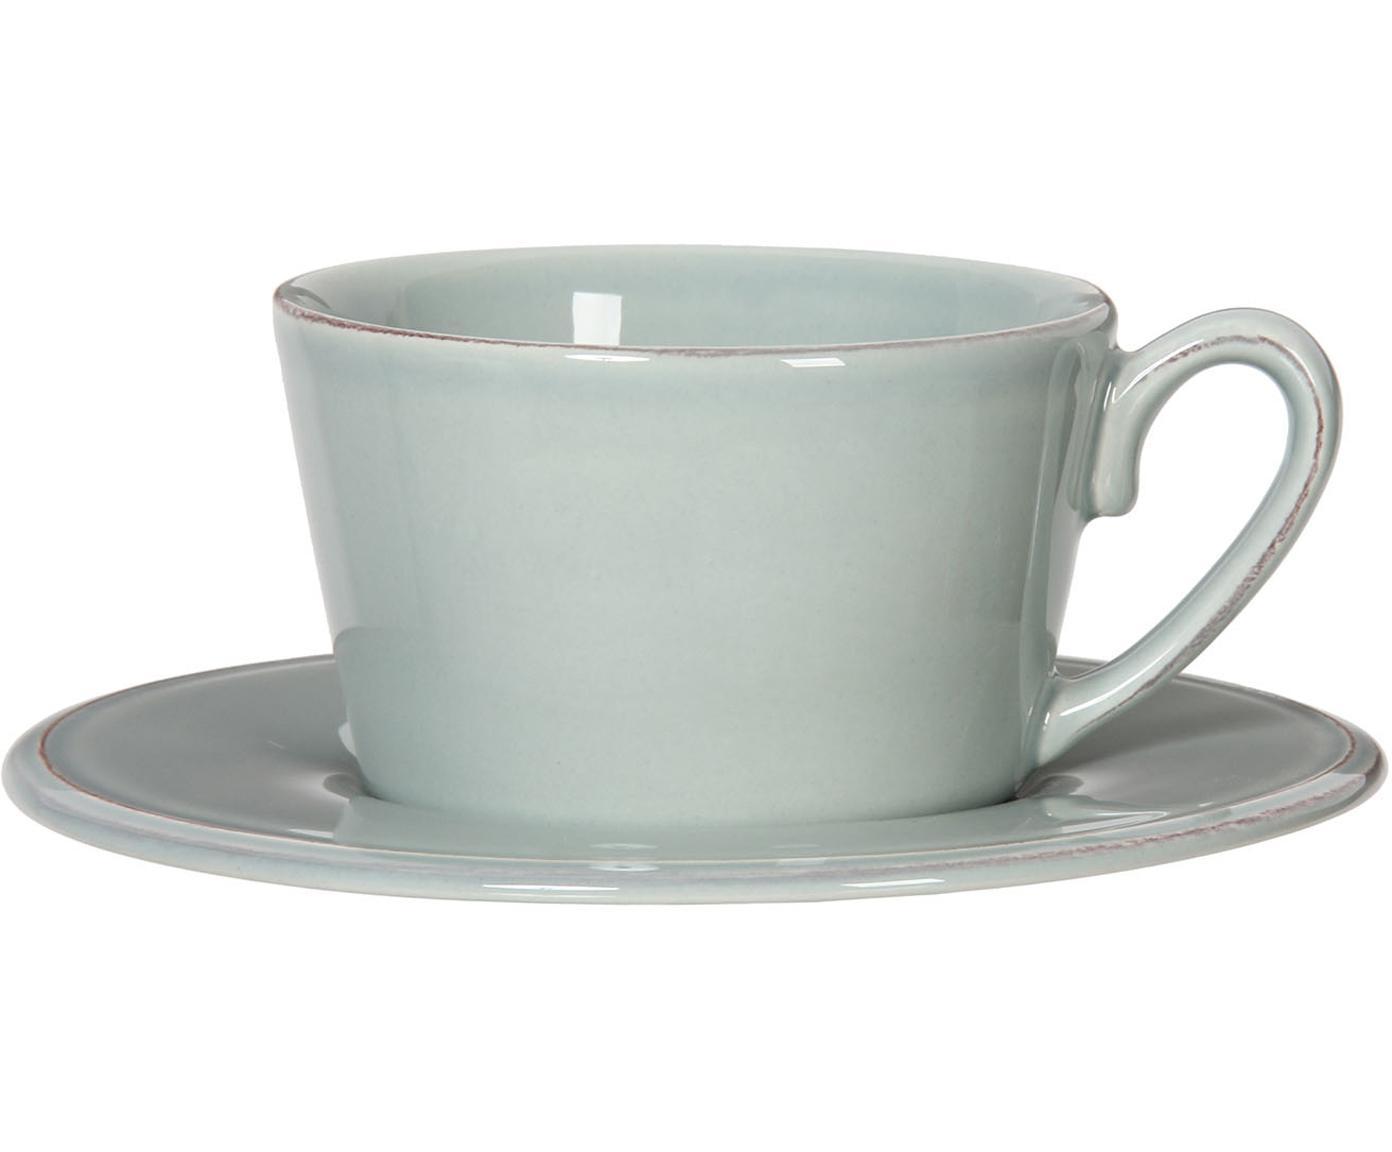 Taza de té con platito Constance, Gres, Verde menta, Ø 19 x Al 8 cm